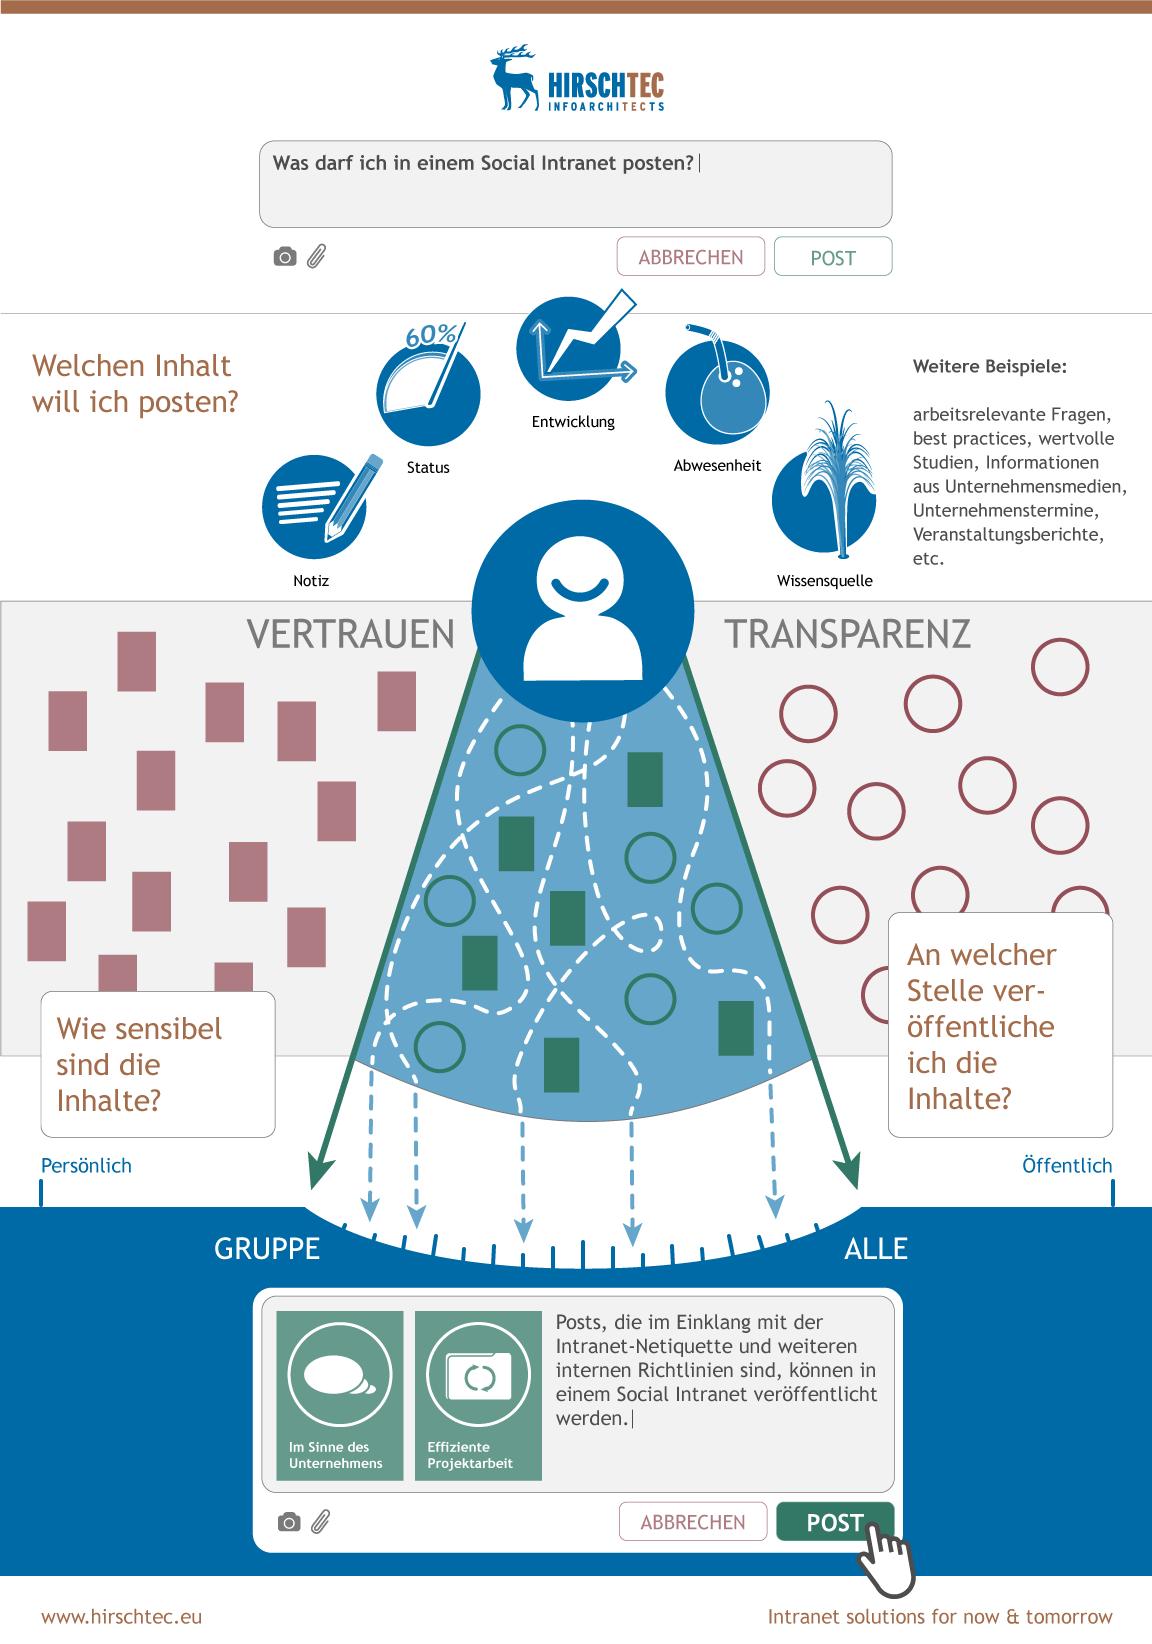 infografik_was_darf_ich_posten